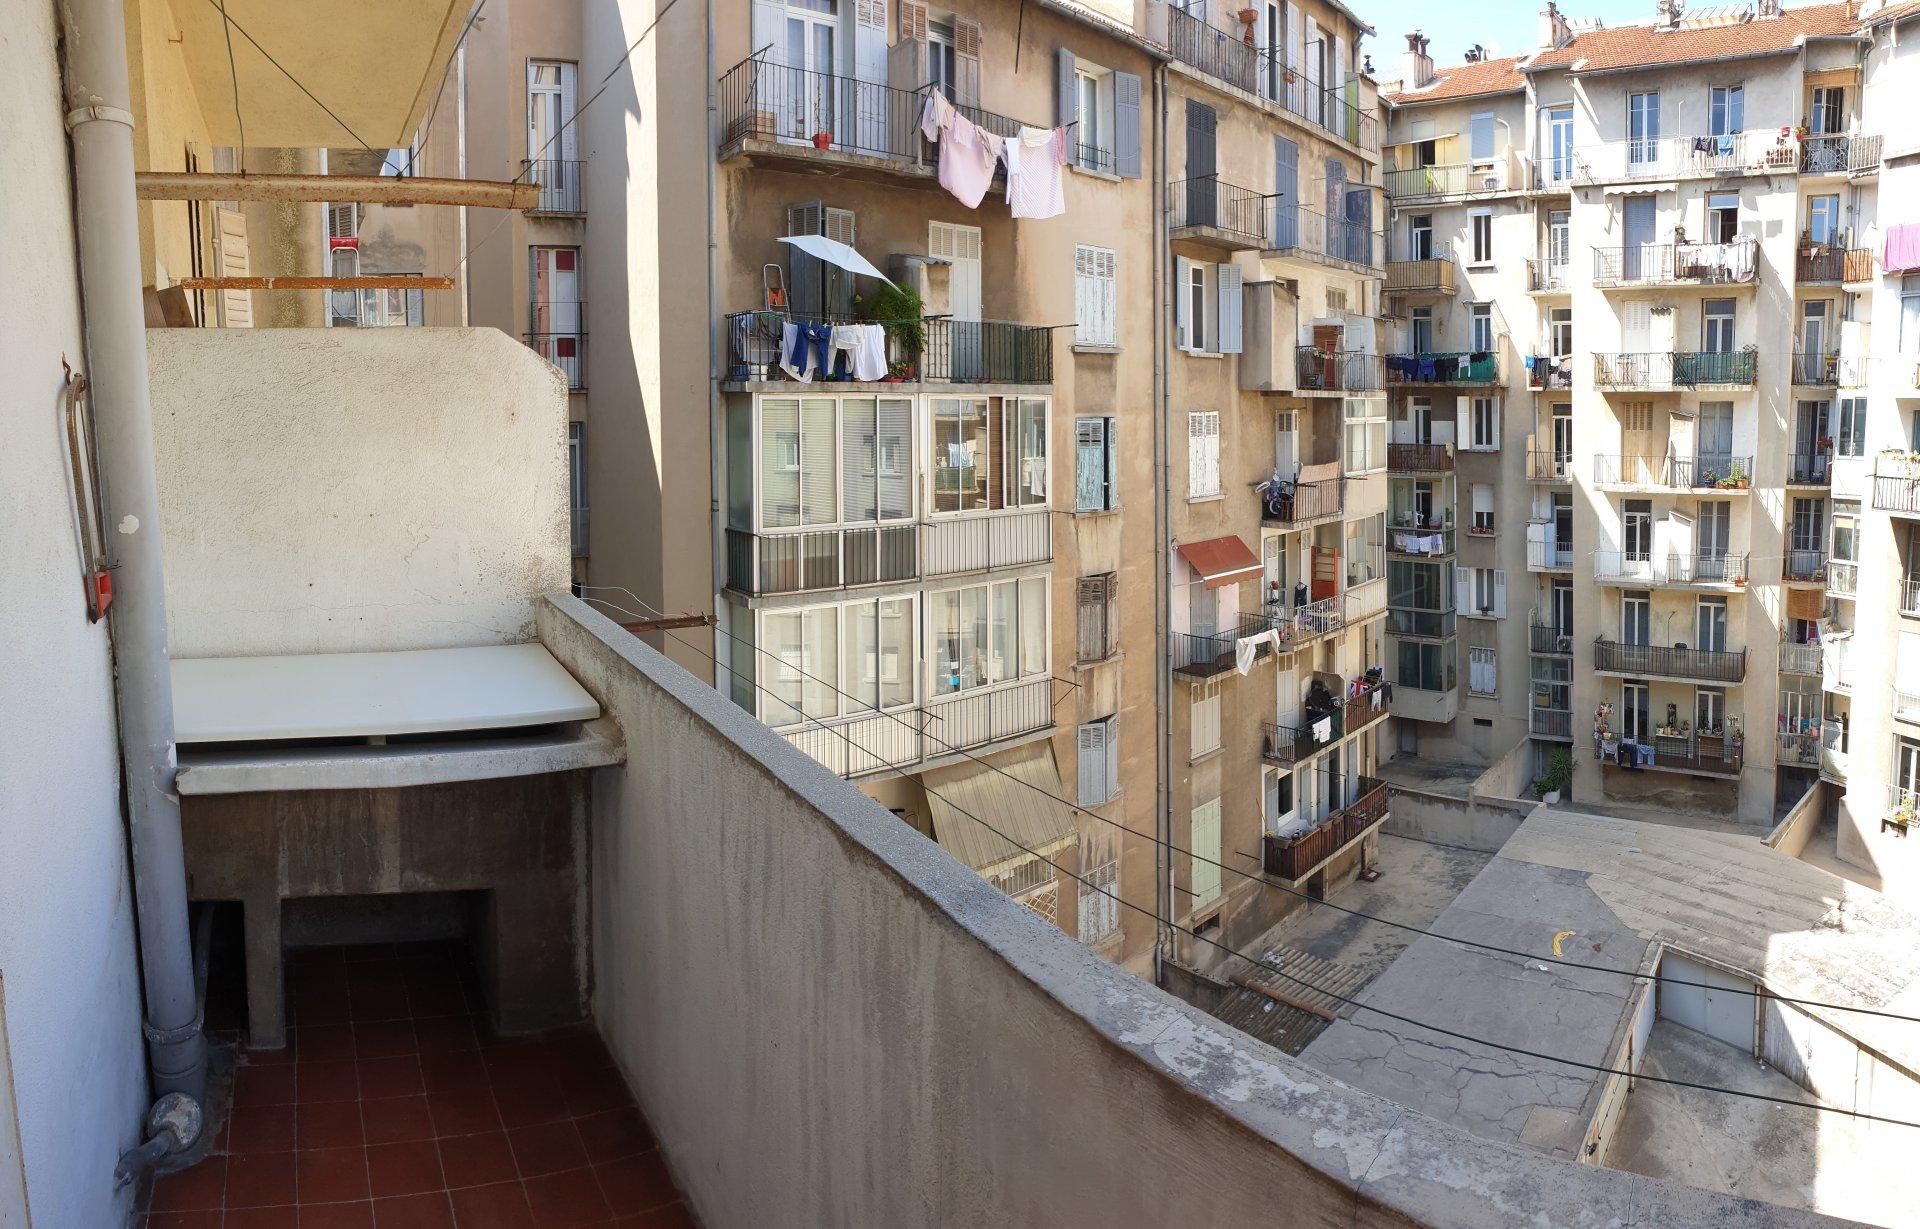 T4 - Chaves / rue Jaubert